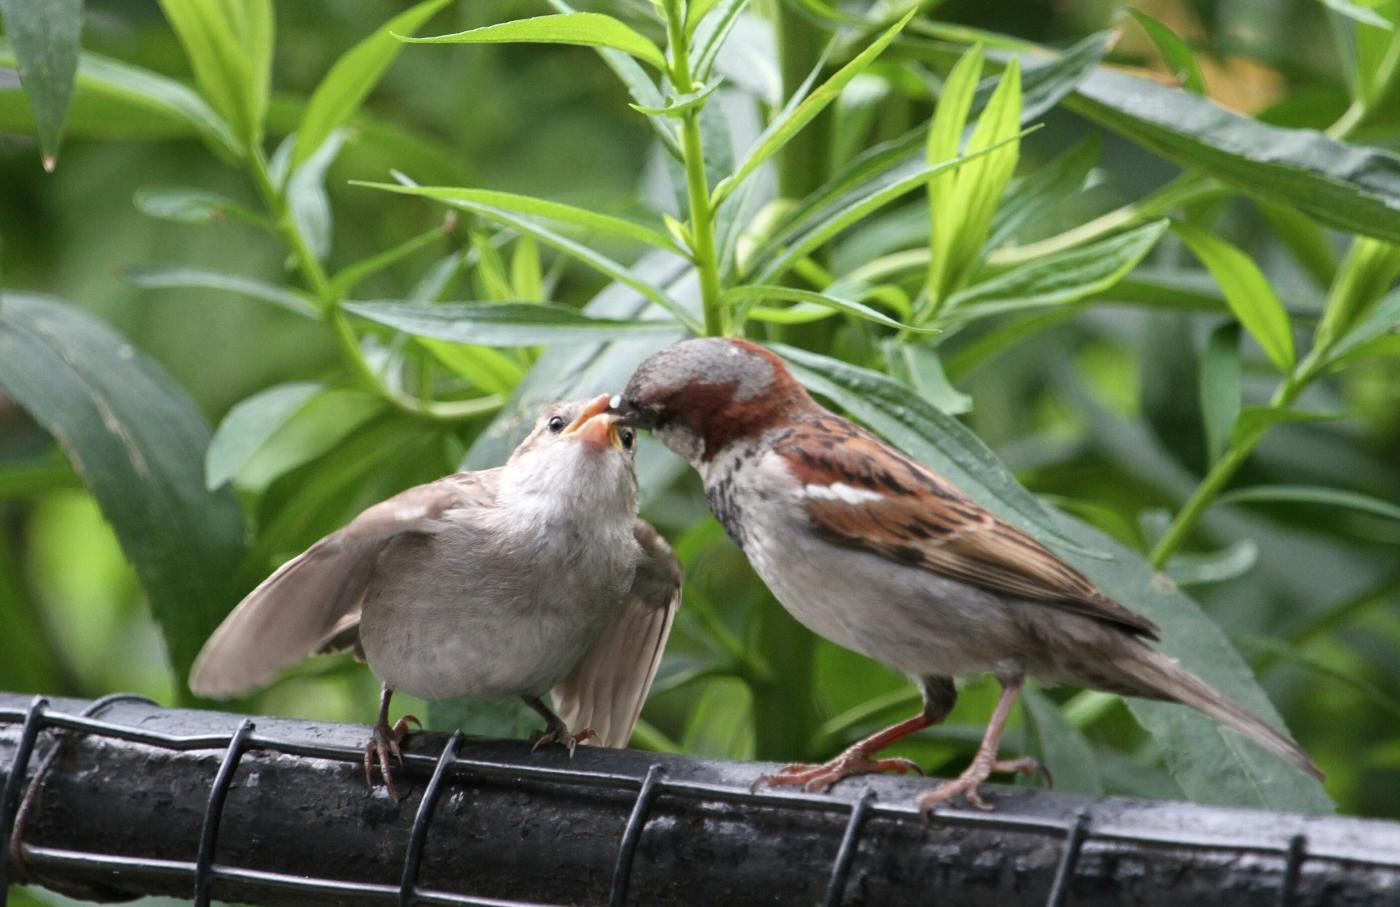 【田螺摄影】在公园拍麻雀喂养_图1-5